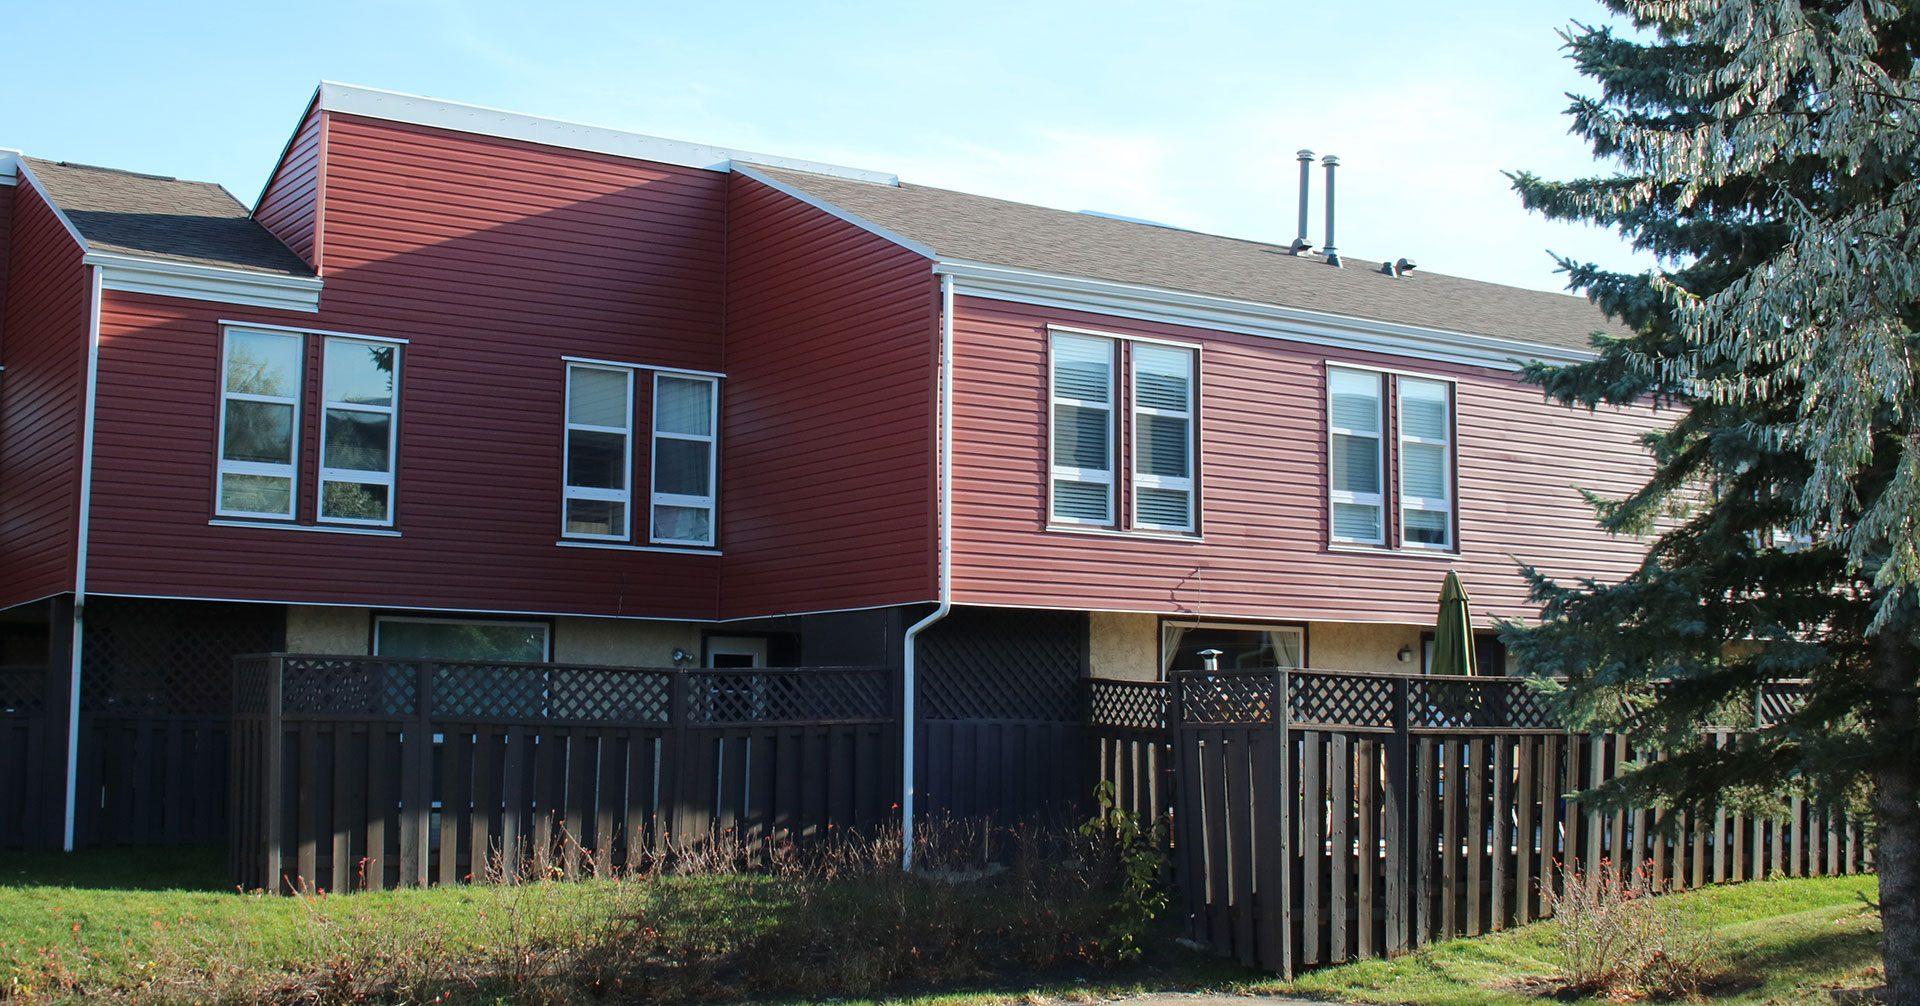 CS Management Inc. - Lee Ridge Village Condominiums